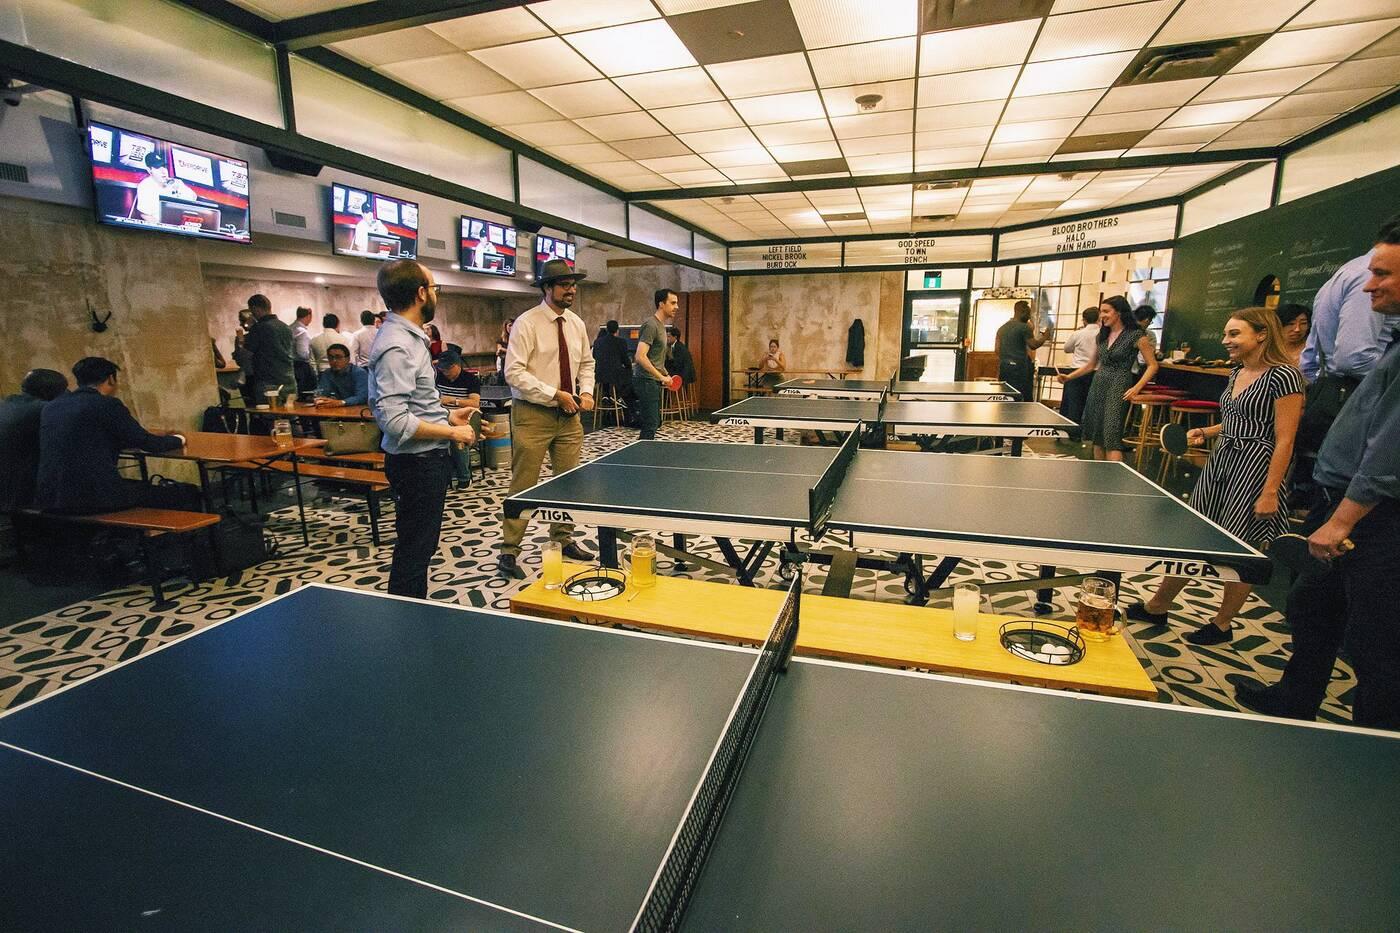 Pong Bar Toronto